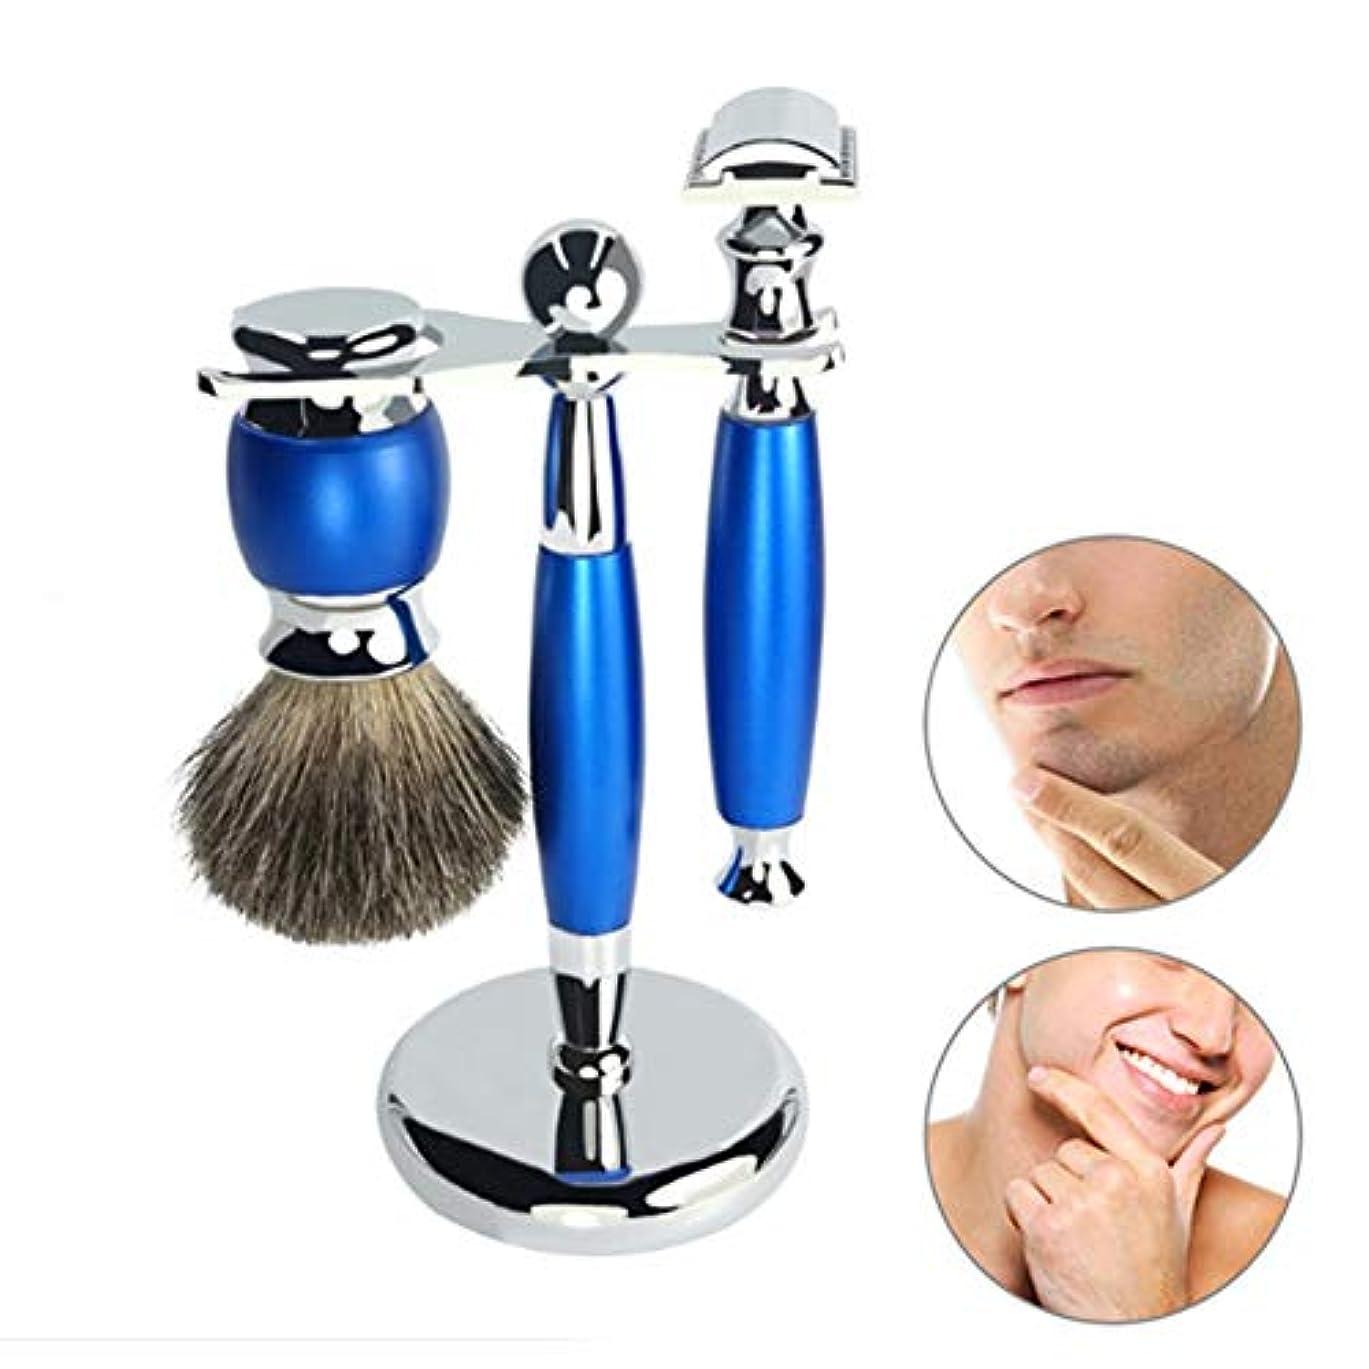 装置降雨シリアル男性用かみそり、3-in-1プロ用手動かみそりセット、手動かみそりStainessスチールブラケットシェービングブラシ,Blue